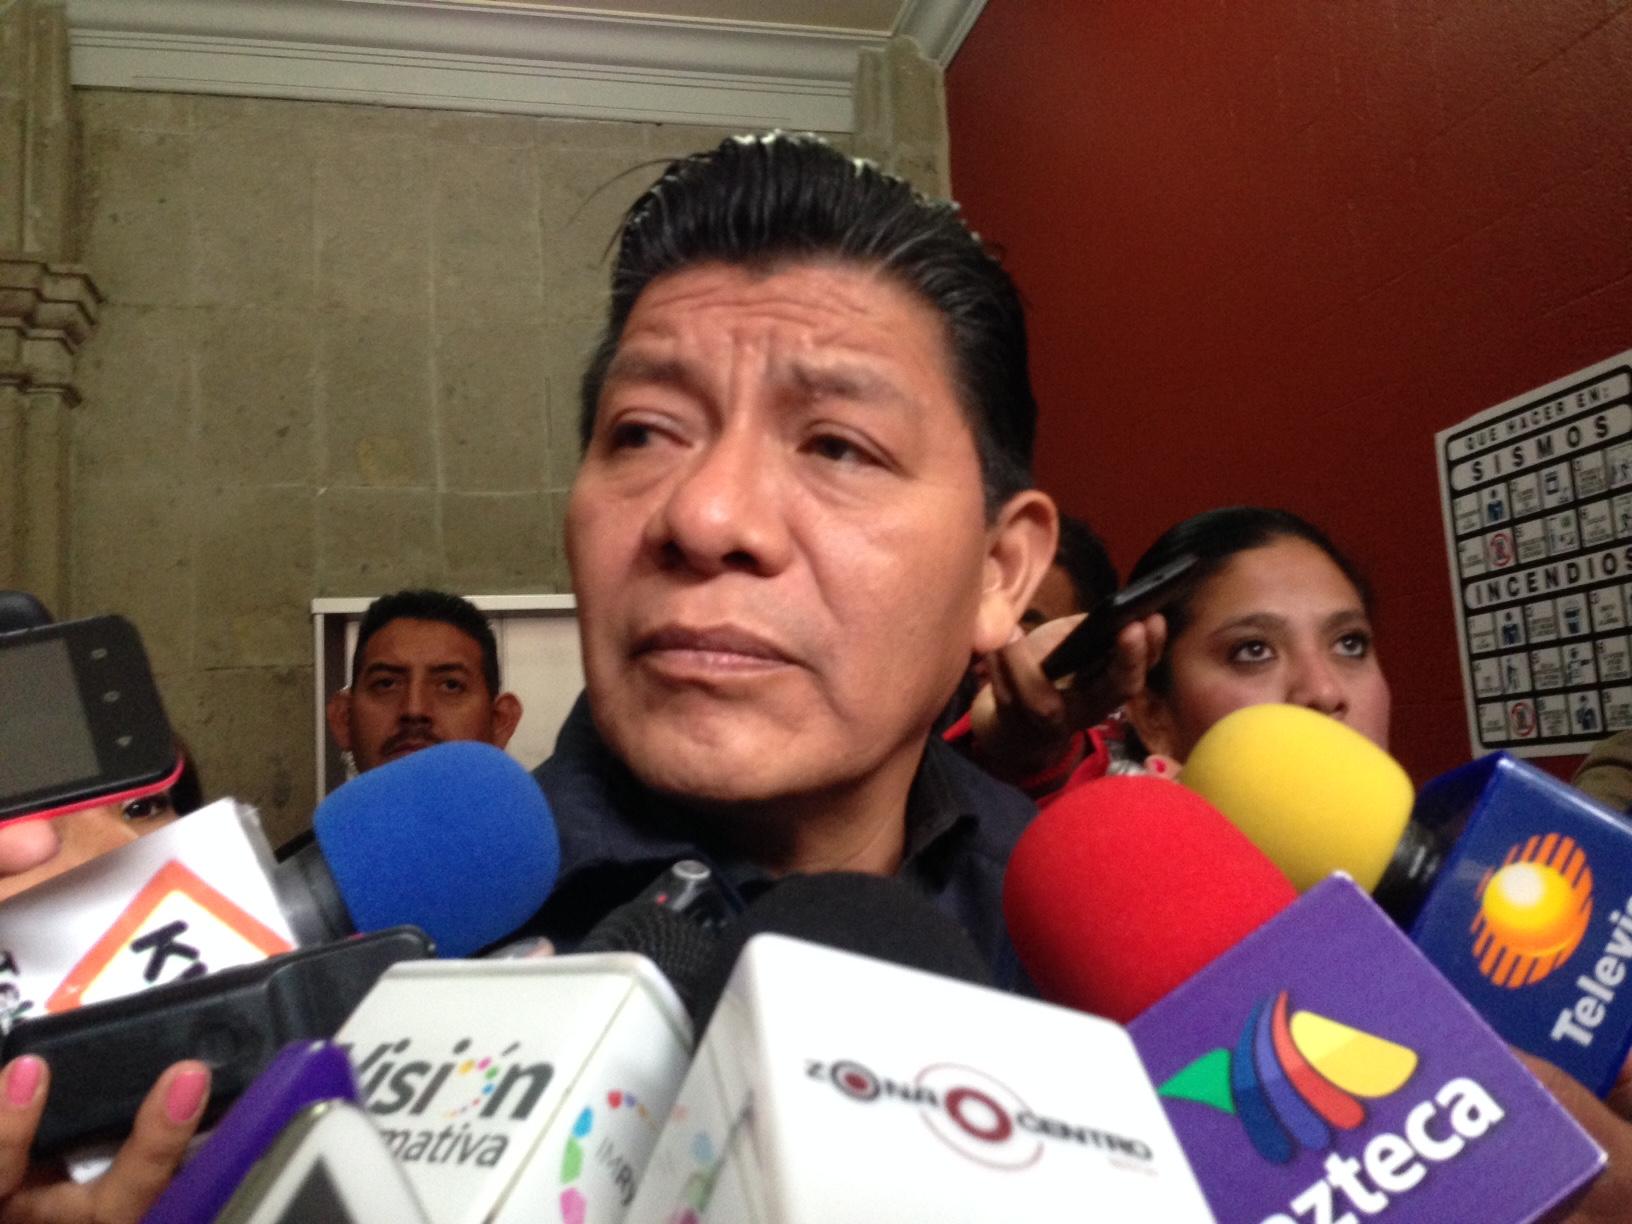 Matías Quiroz Medina